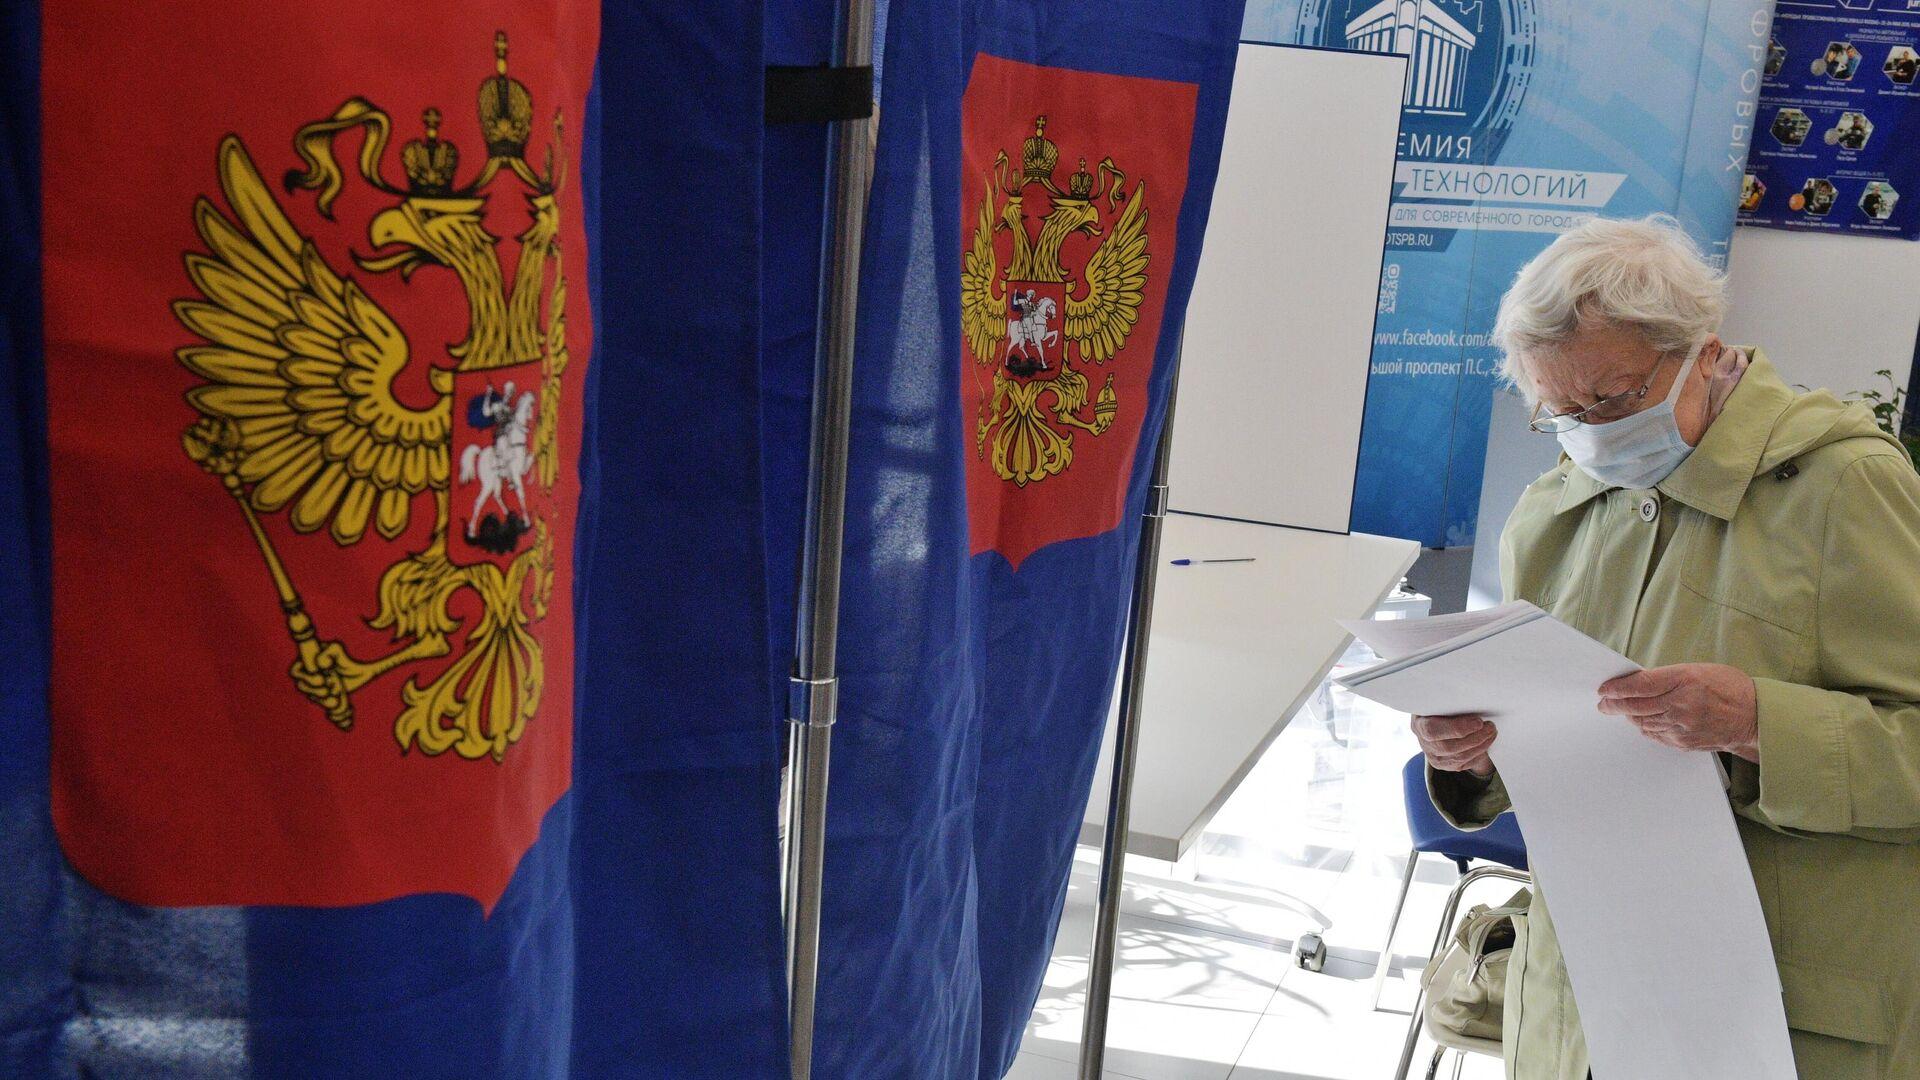 Избиратель голосует на выборах депутатов Государственной Думы РФ на участке в Санкт-Петербурге - РИА Новости, 1920, 19.09.2021